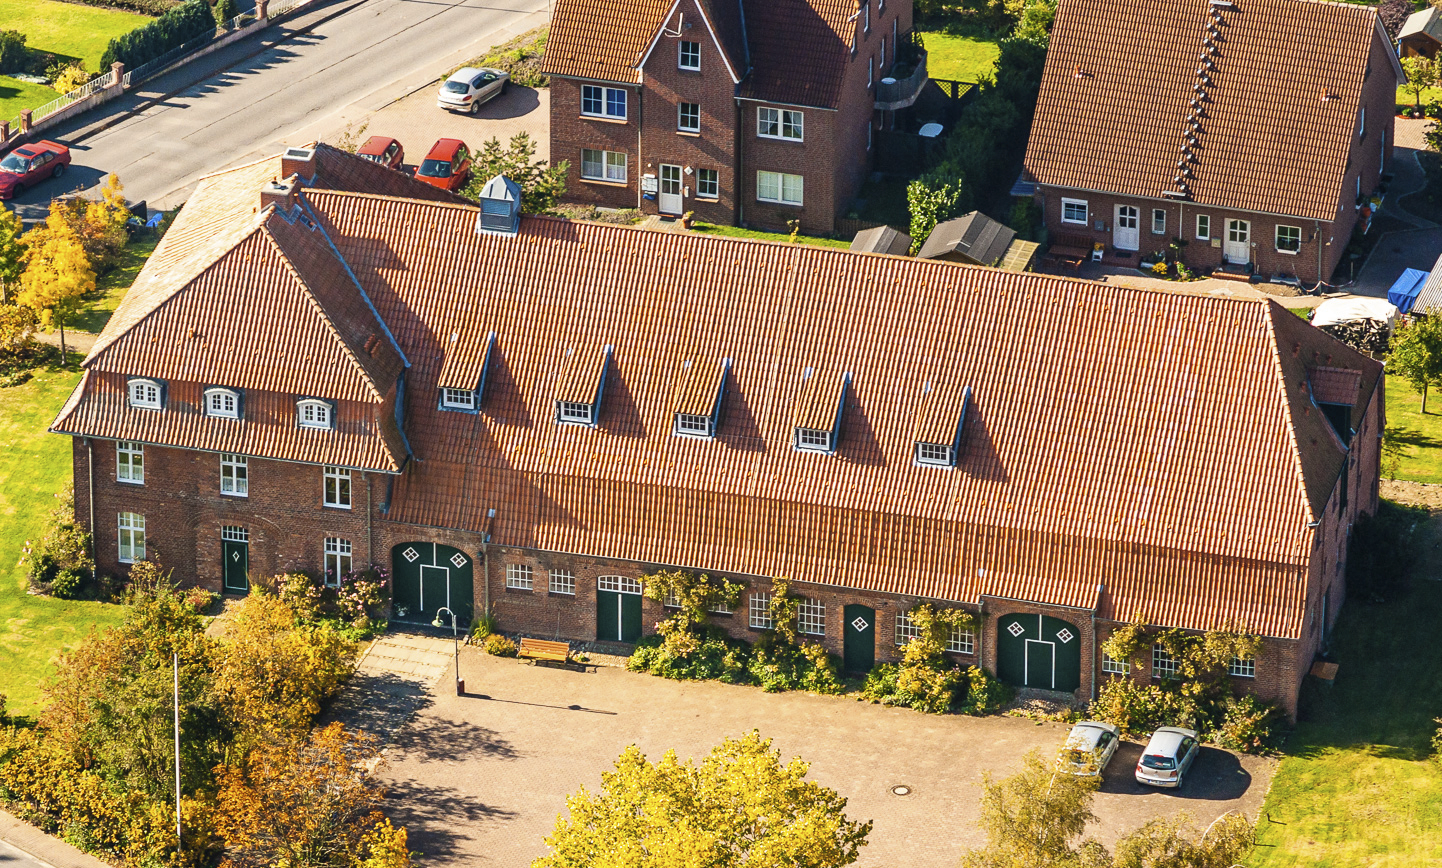 Ahrensbök Bürgerhaus Ernst-und-Elly-Prüß-Haus Ostholstein Luftfotos, Armin Redöhl, Luftbilder